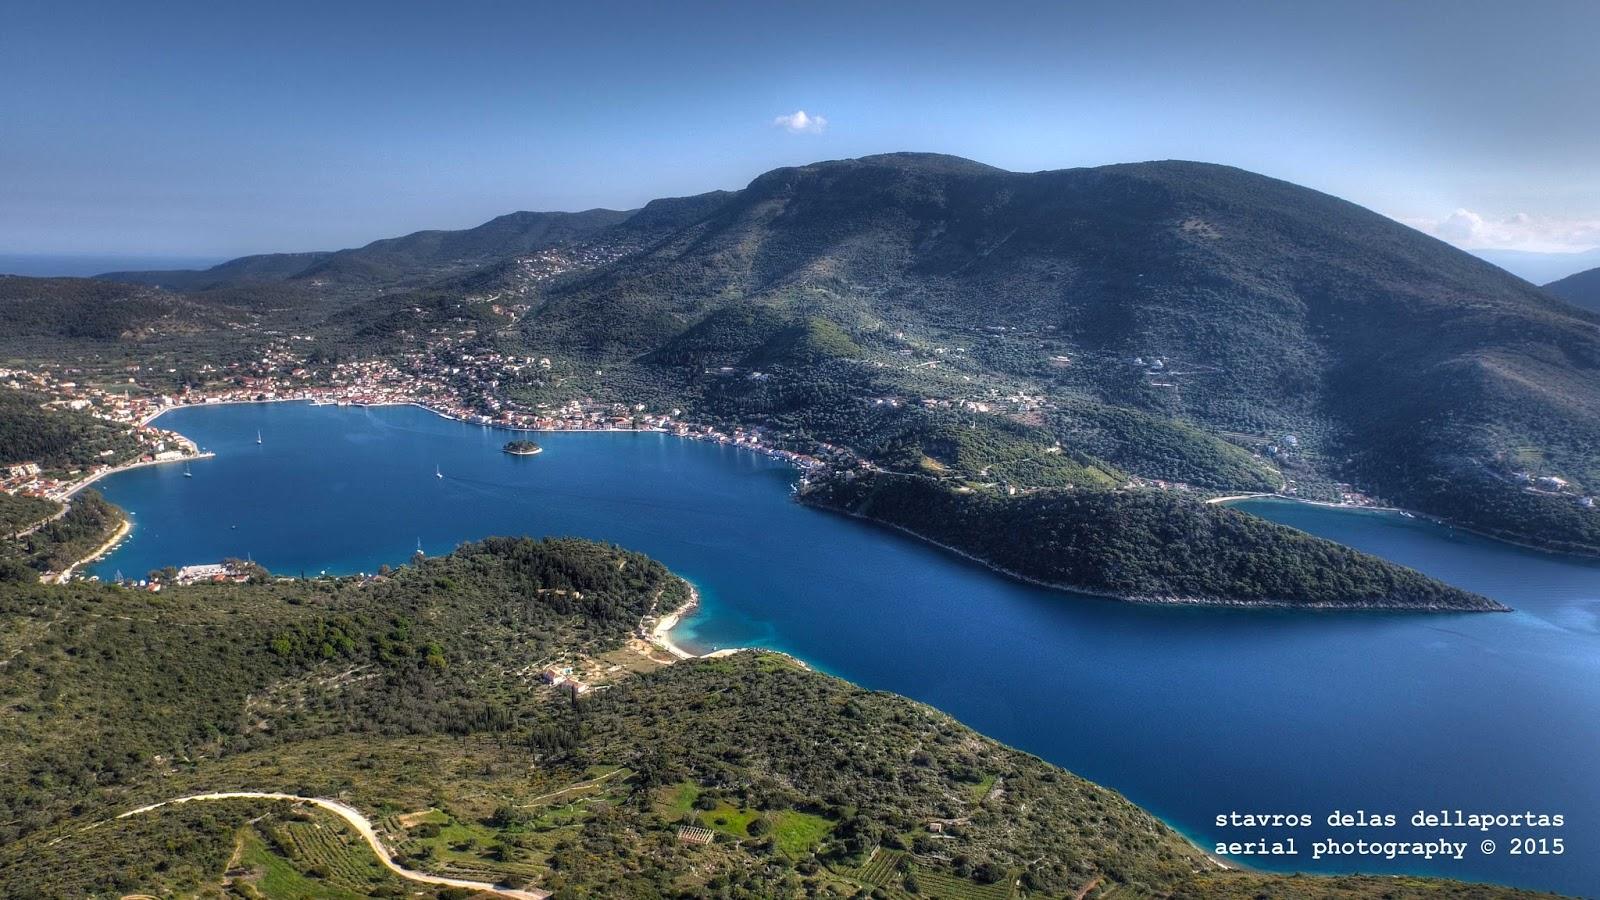 vathy ithaki greece aerial 1